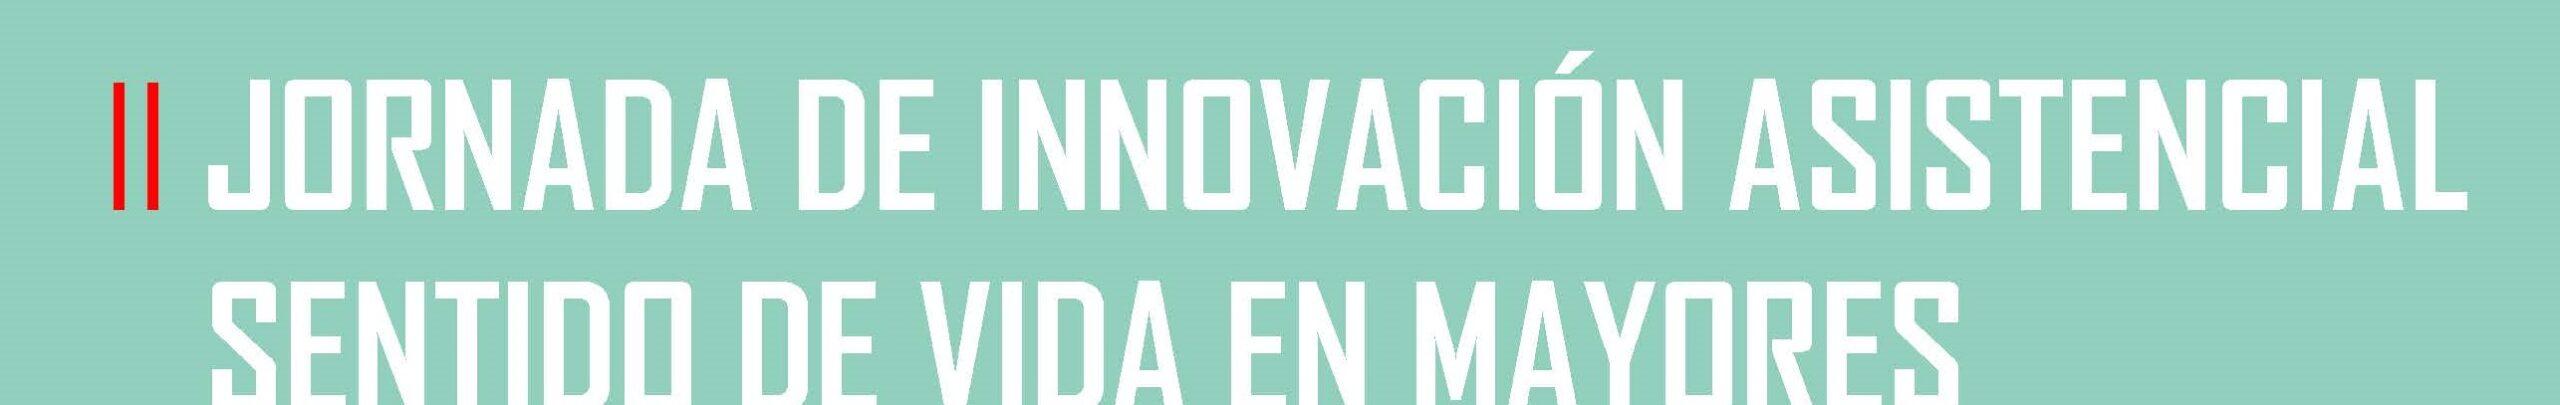 II Jornada de Innovación Asistencial